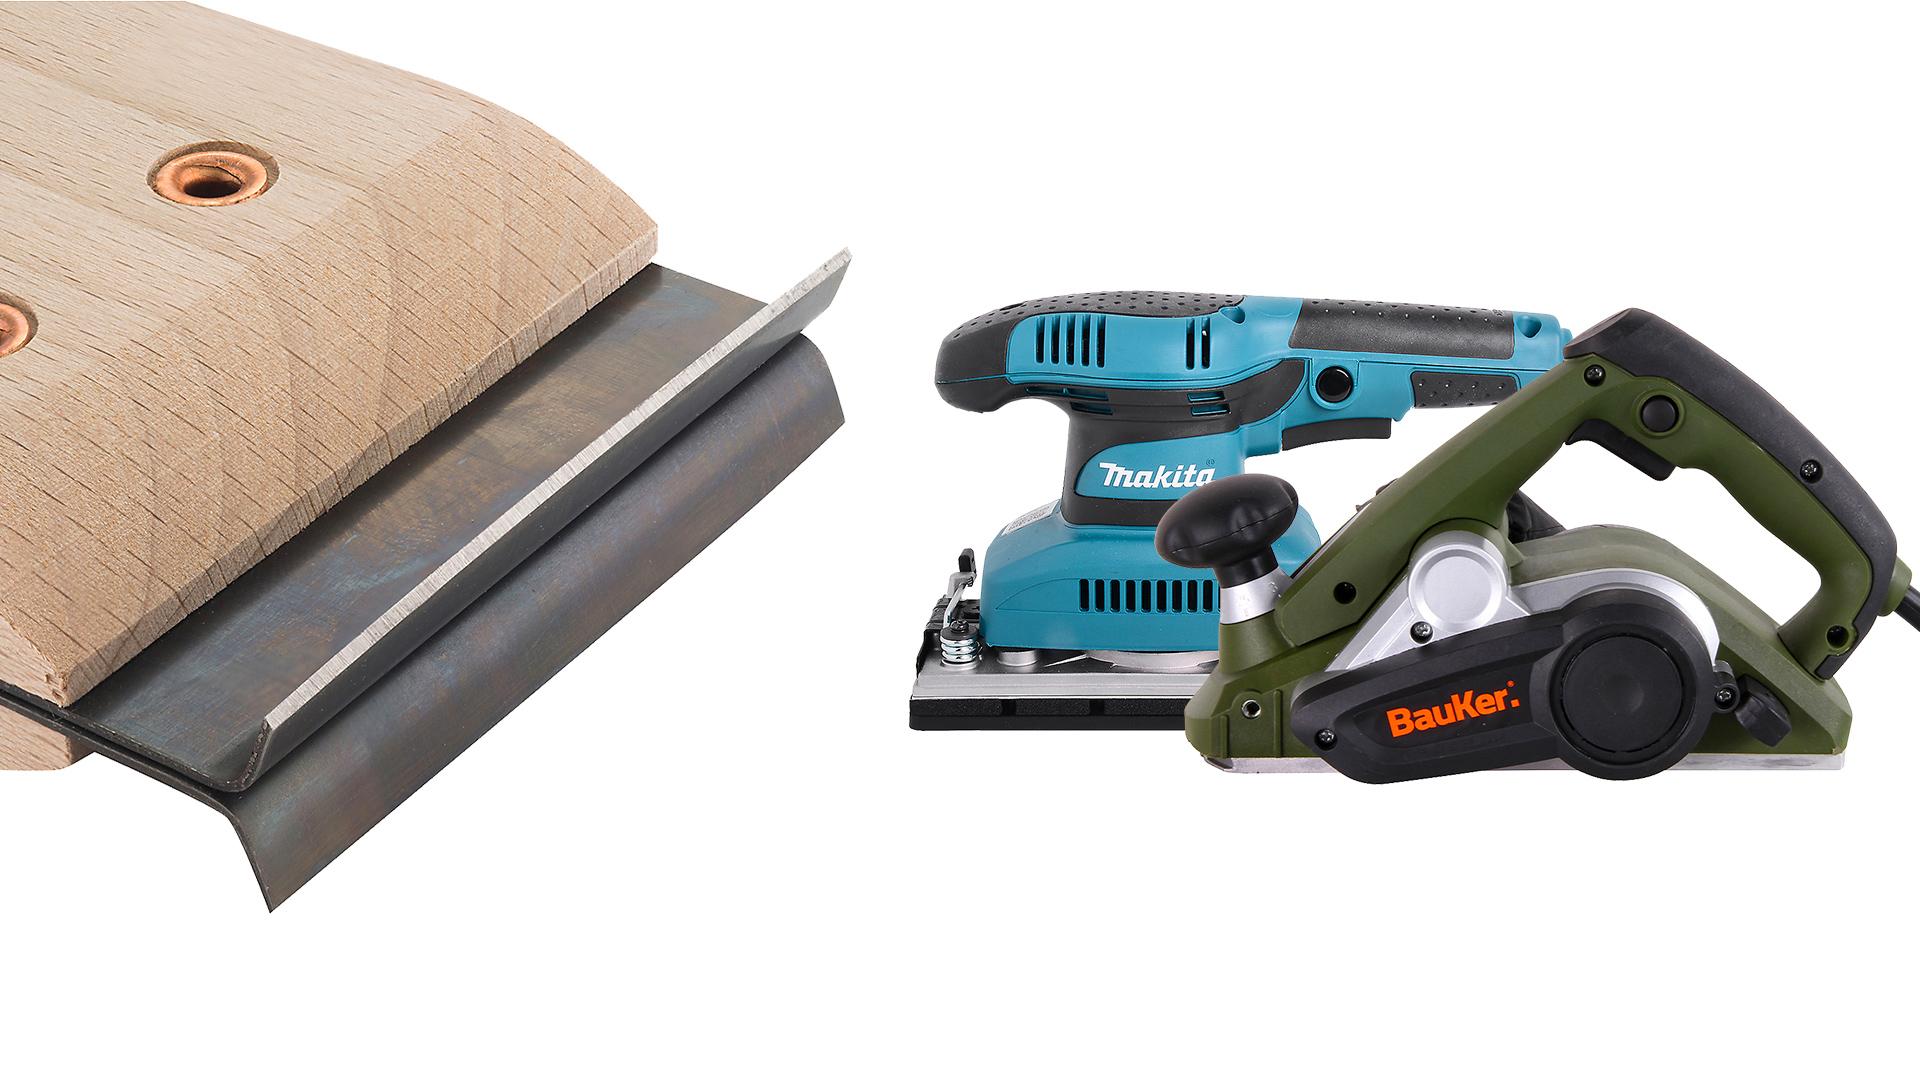 Cuando la madera se daña por la humedad o los rayos del sol se puede reparar, esto consiste en raspar la proteccion antigua y la capa deteriorada, para volver a aplicar un nuevo barniz, pintura o impregnante.